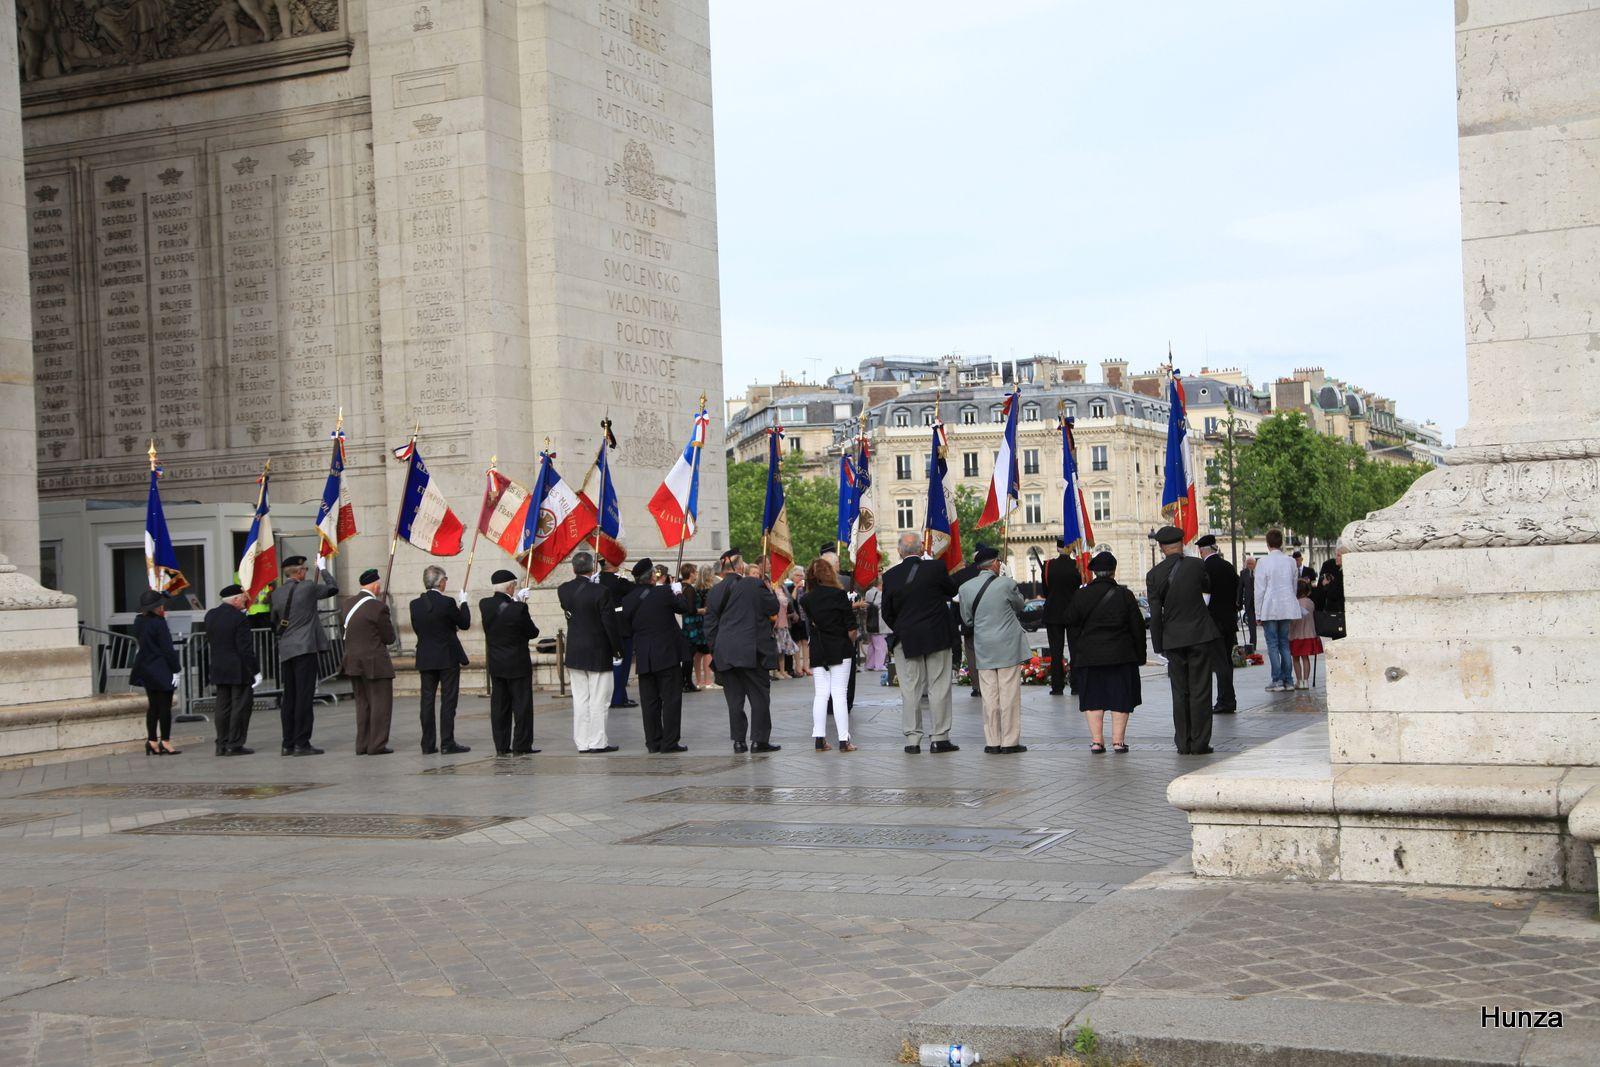 Arc de Triomphe, cérémonie du ravivage de la flamme